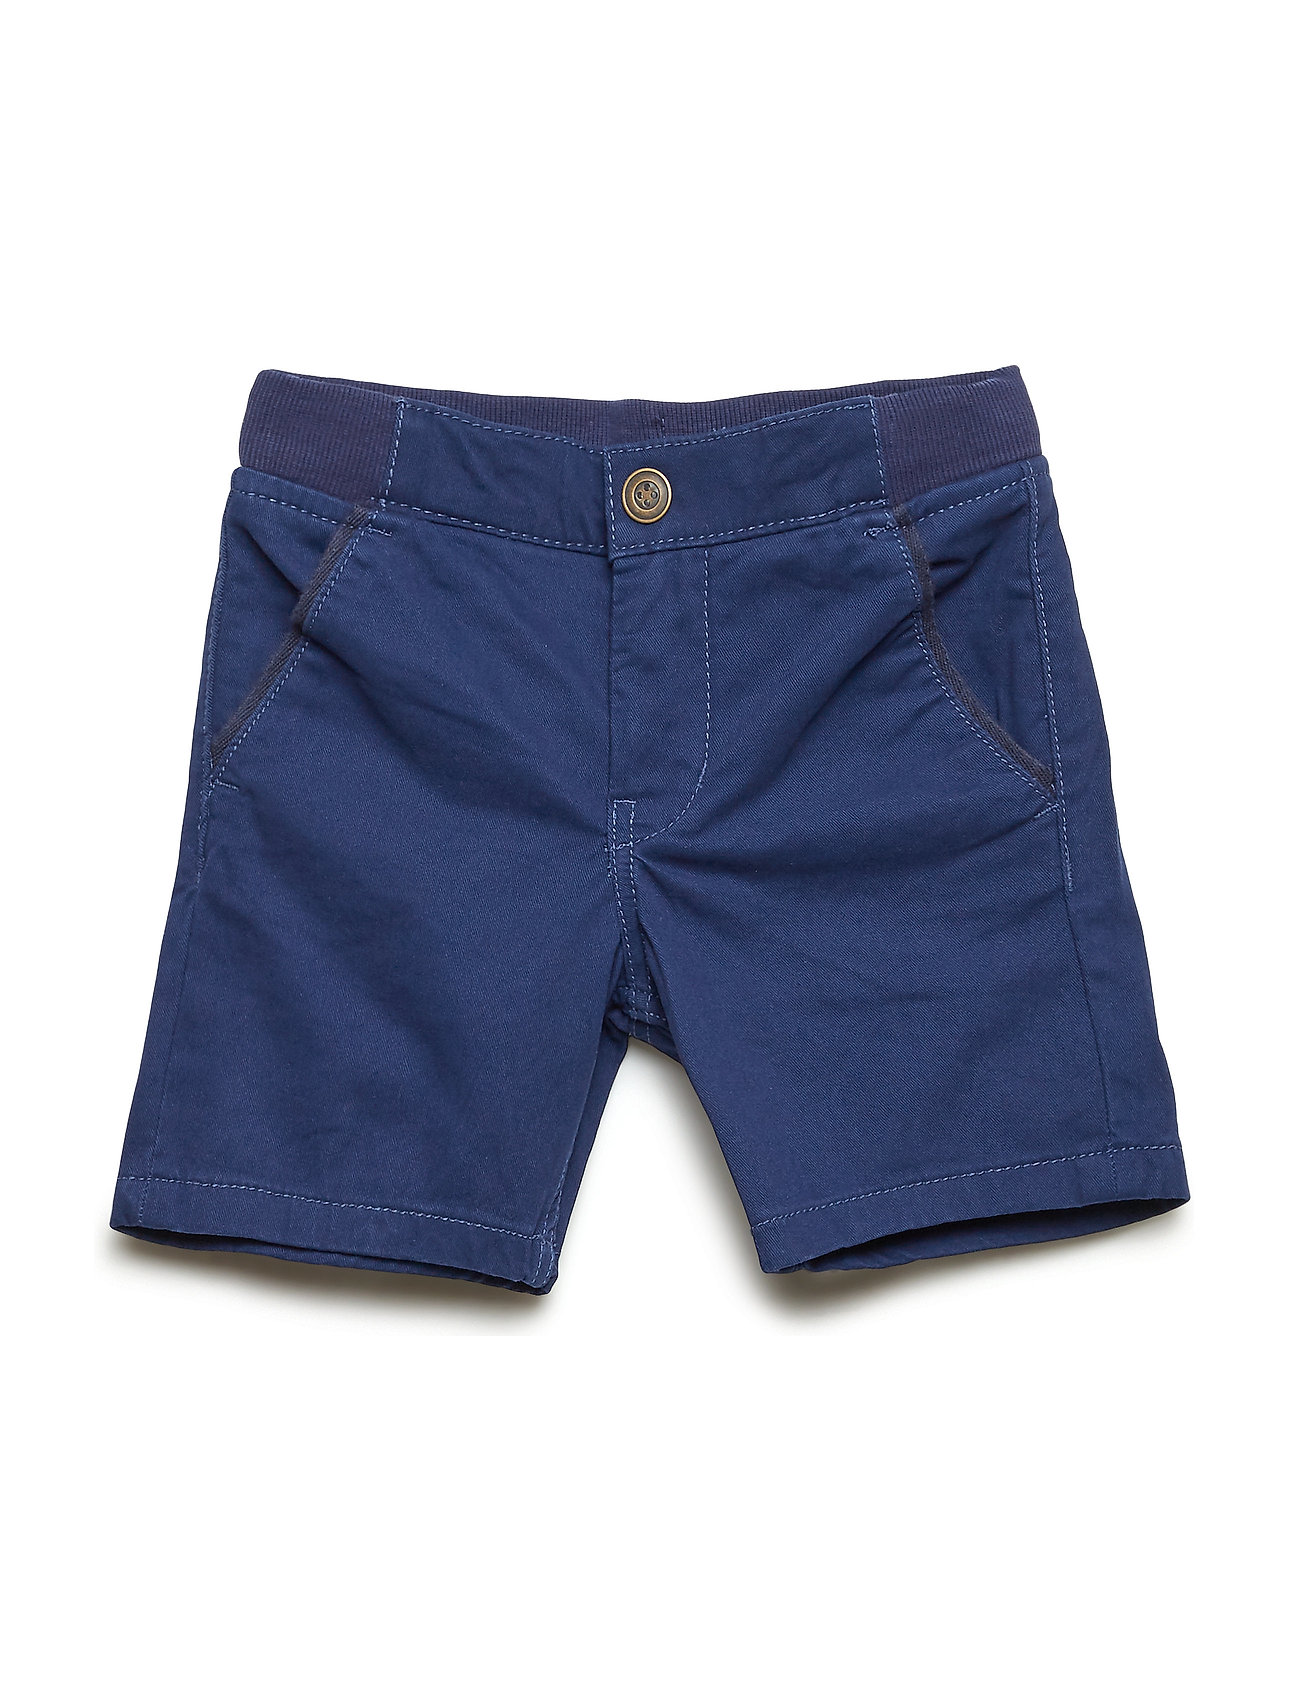 Polarn O. Pyret Shorts woven Solid Pre school